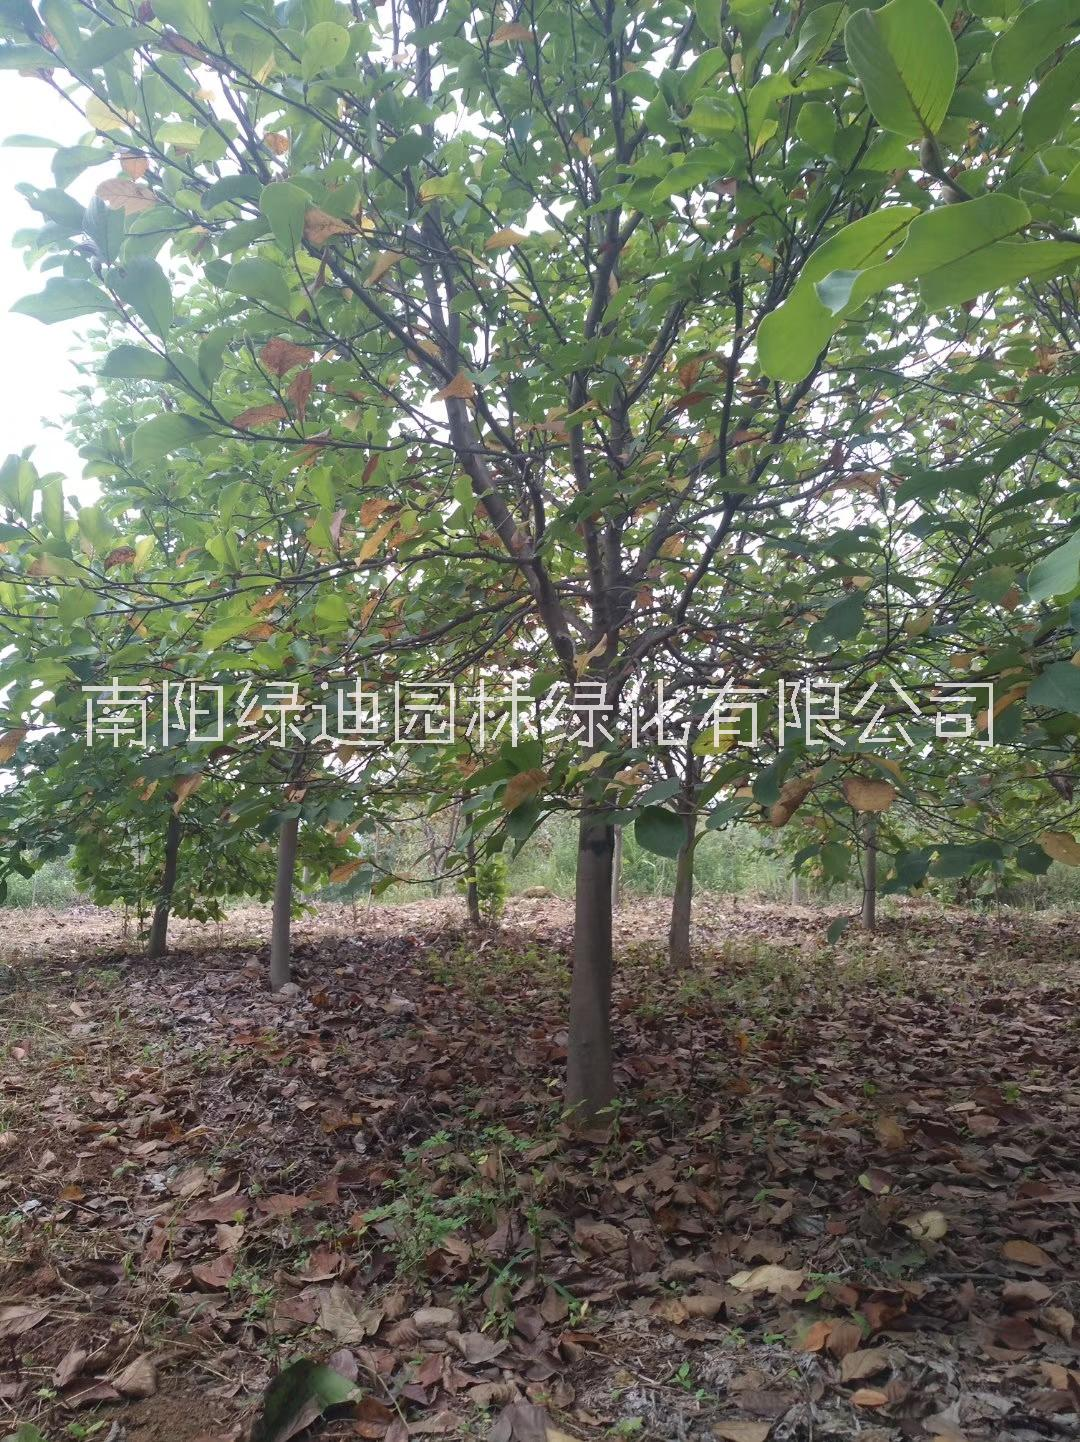 紫玉兰价格、种植、报价、直销【南阳市绿迪园林绿化有限公司】